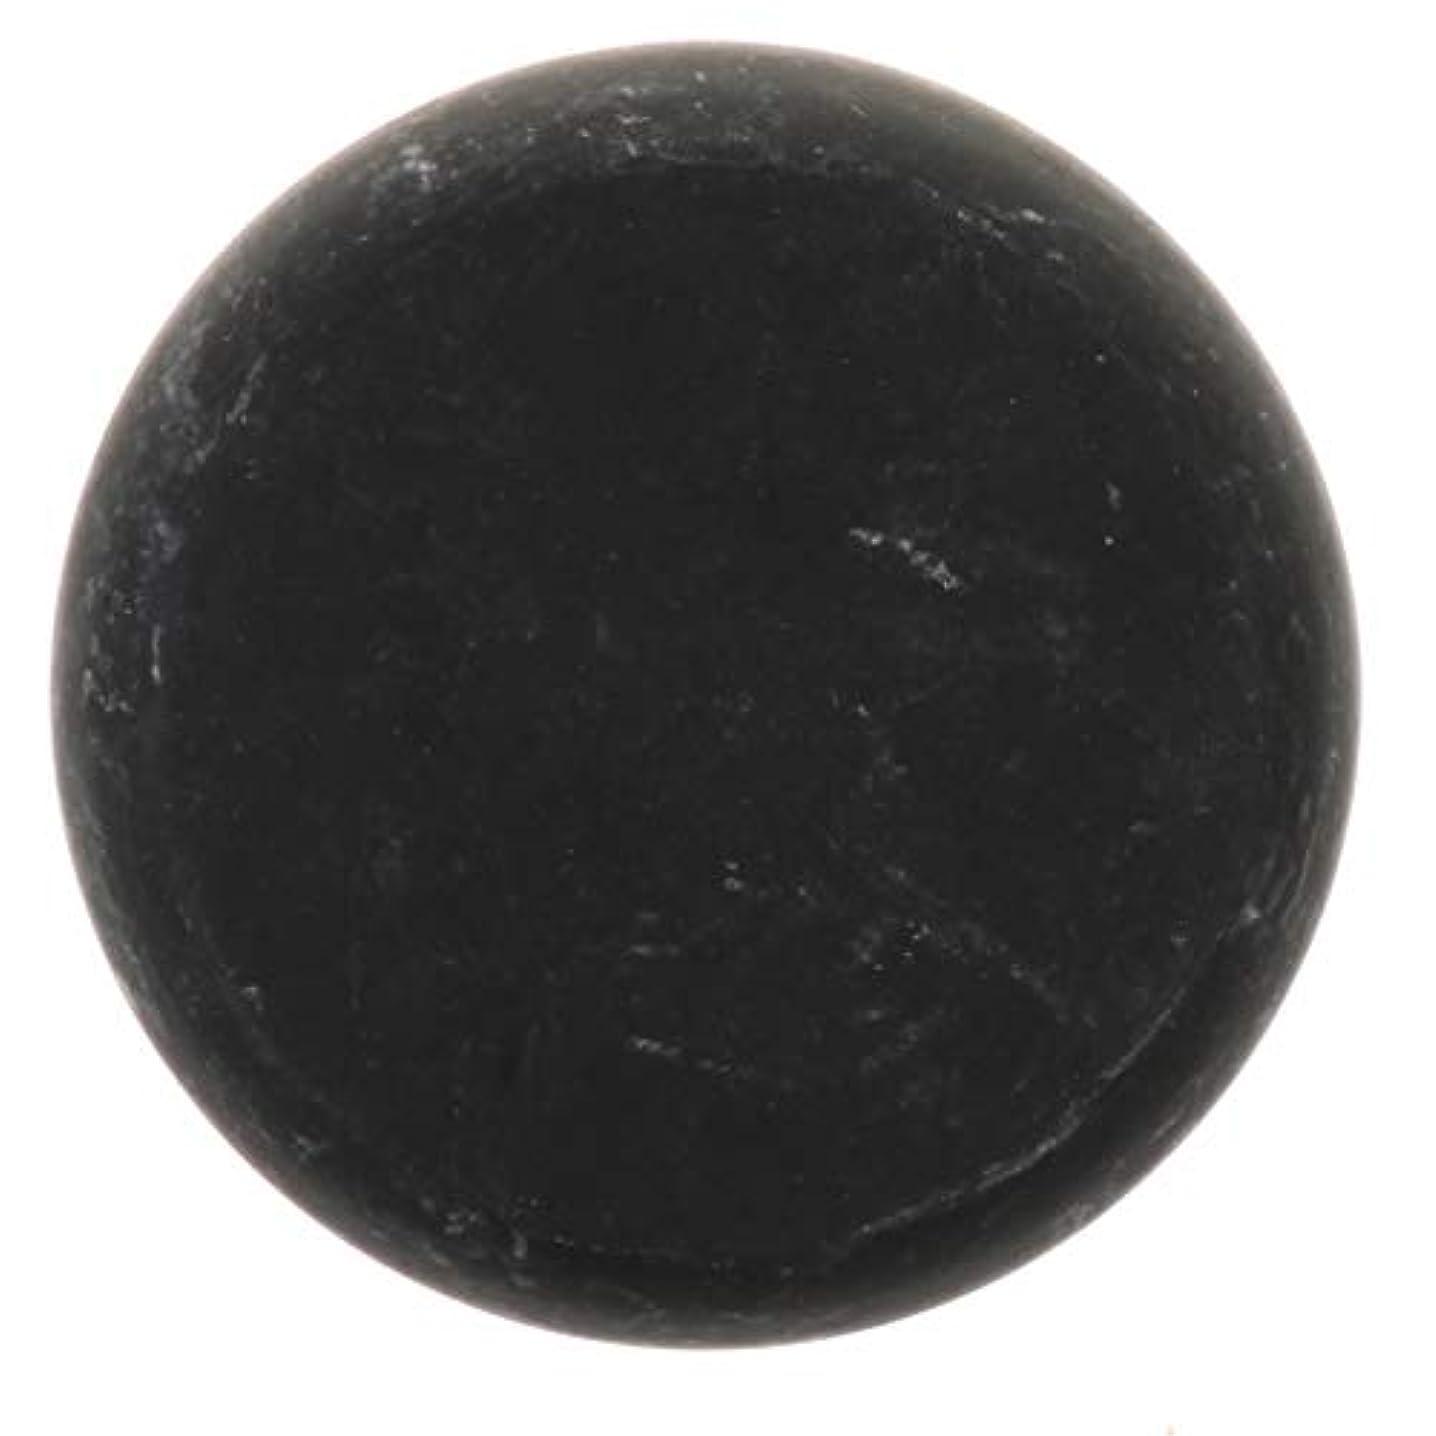 運営感じ周辺天然石ホットストーン マッサージ用玄武岩 マッサージストーン ボディマッサージ 実用的 全2サイズ - ブラック, 01